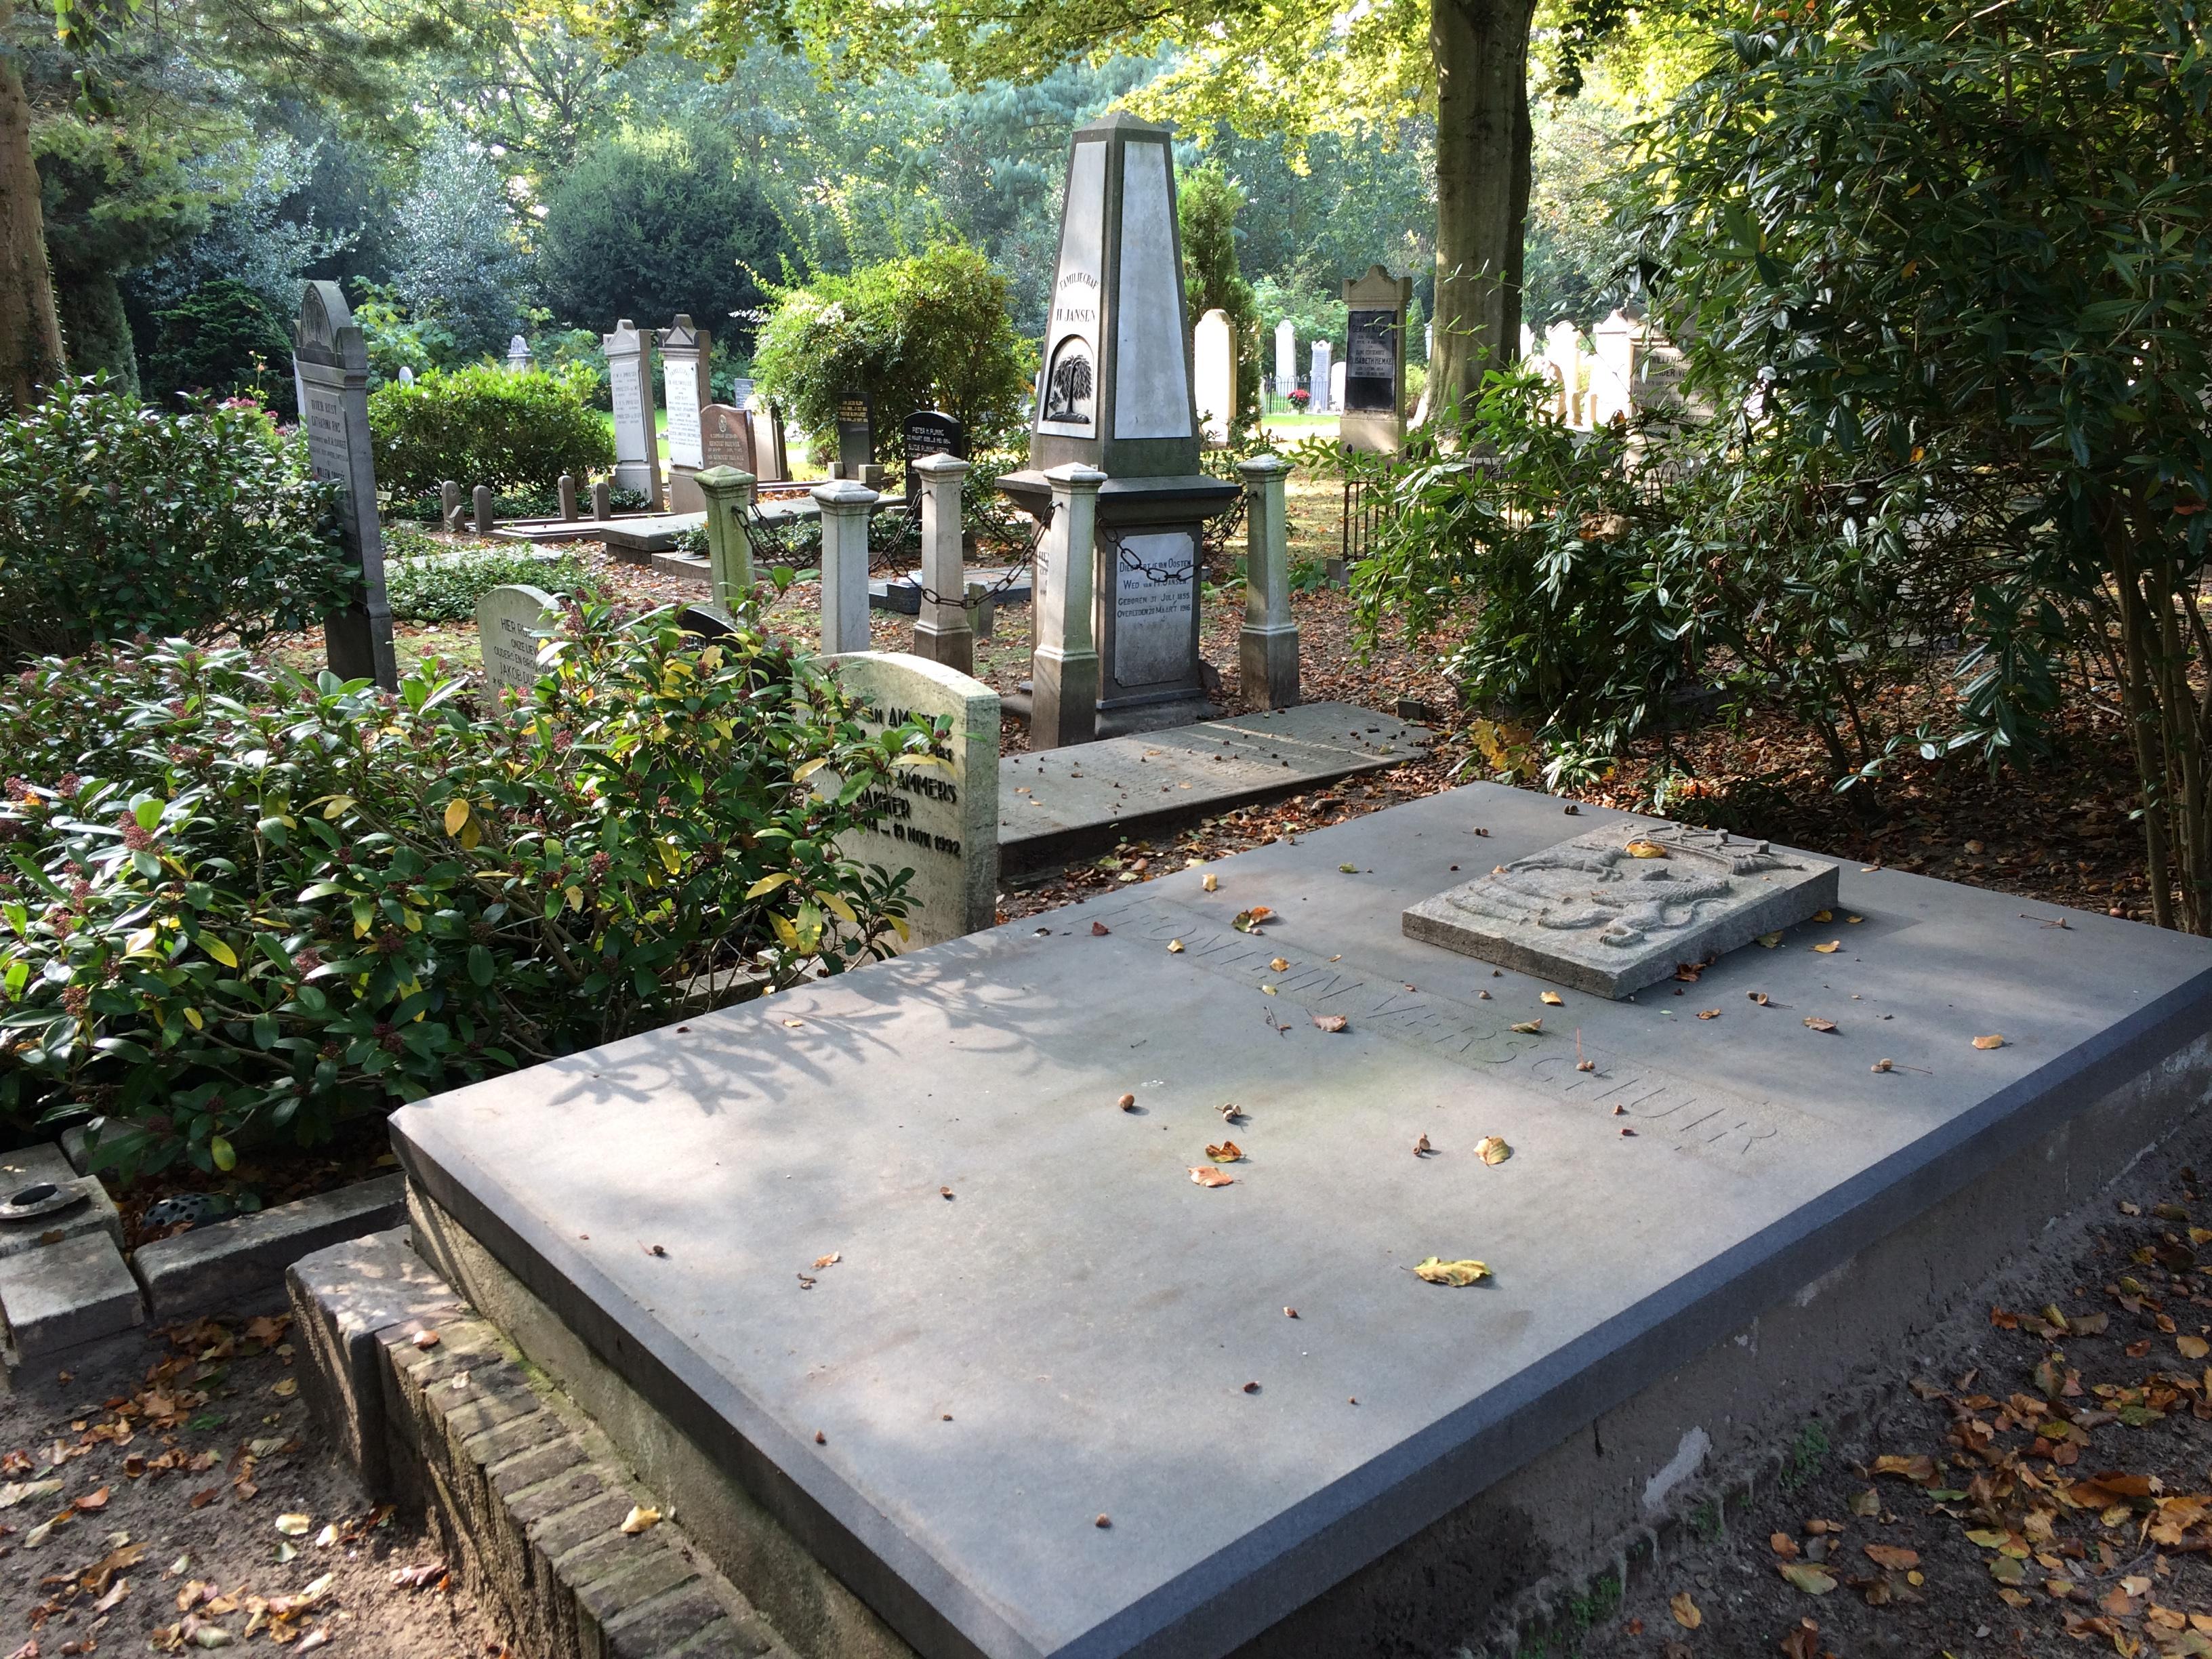 De grafkelder van burgemeester Fotein Verschuir. Deze bestaat uit twee kamers waarin meerdere doodskisten staan. De afdekplaat is recentelijk nog vervangen. Foto: Regionaal Archief Alkmaar